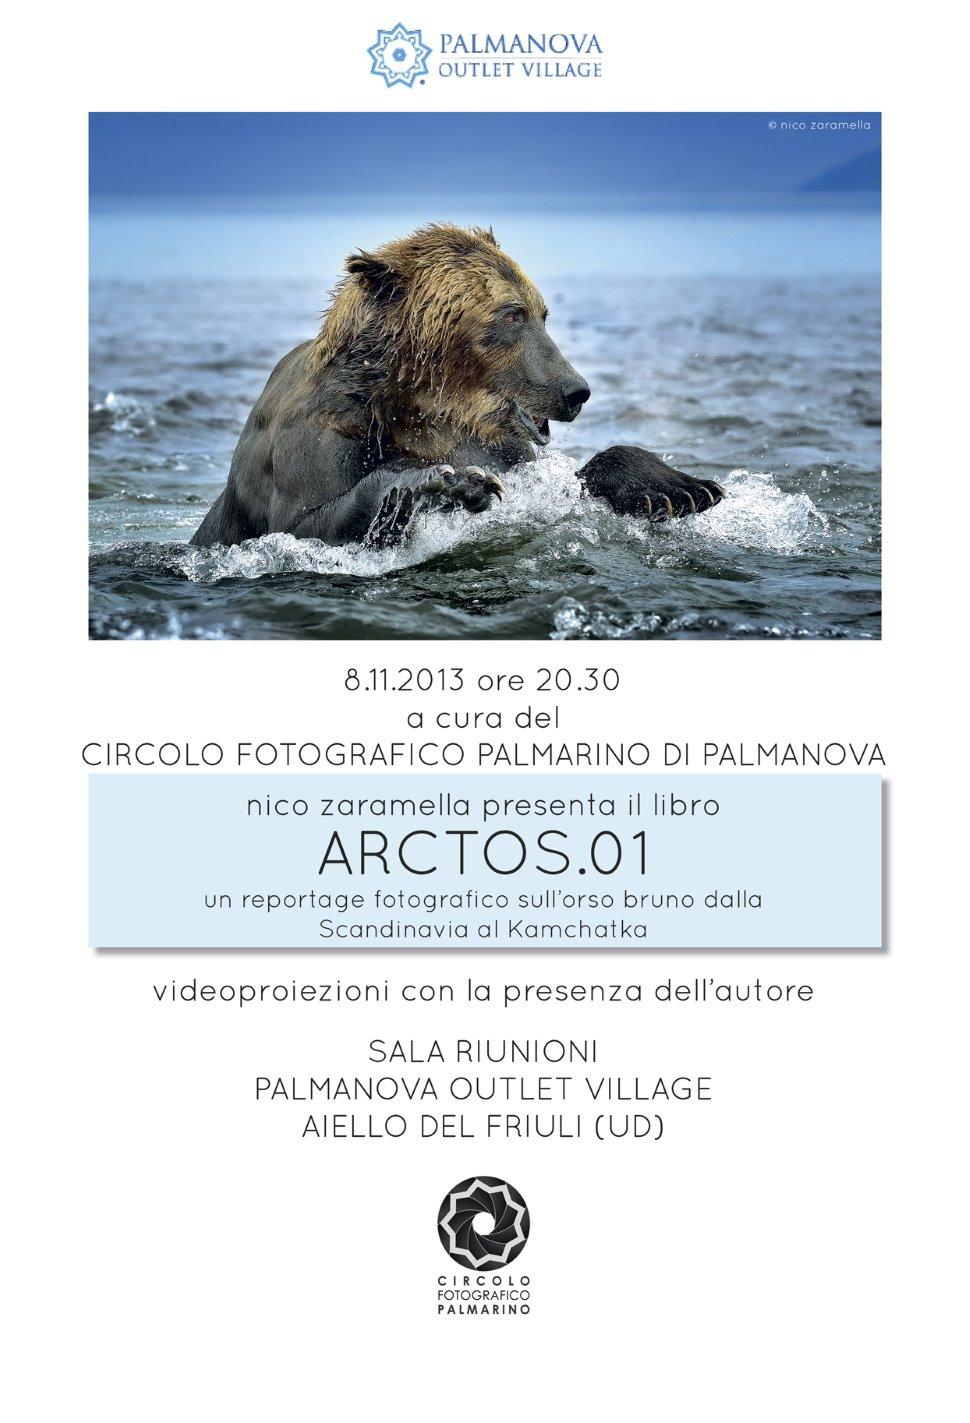 ARCTOS.01 - Gli orsi di Nico Zaramella